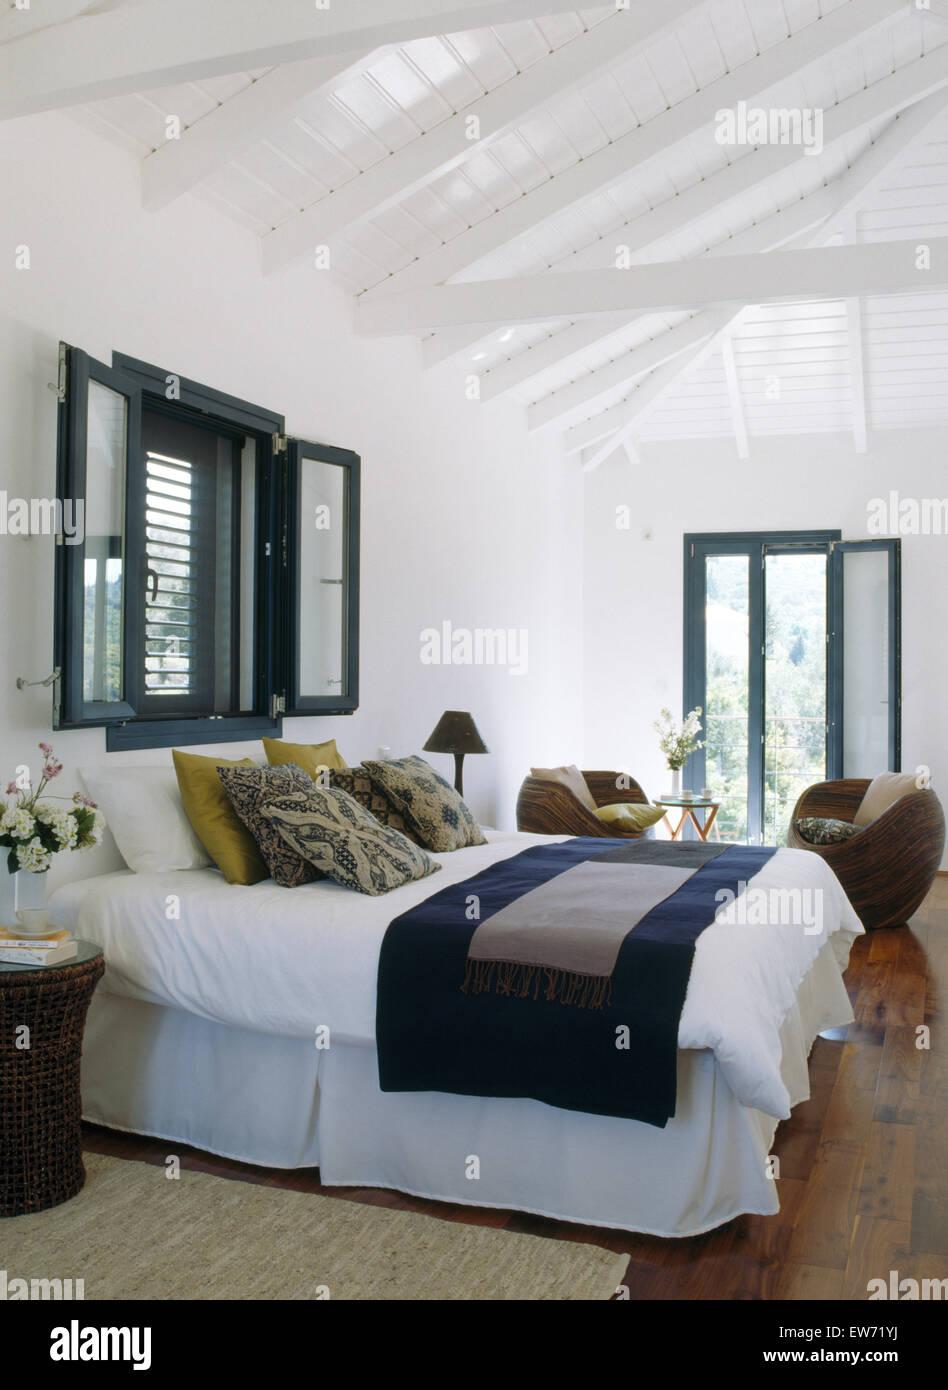 Finestra sopra il letto con biancheria bianca e blu buttare ...